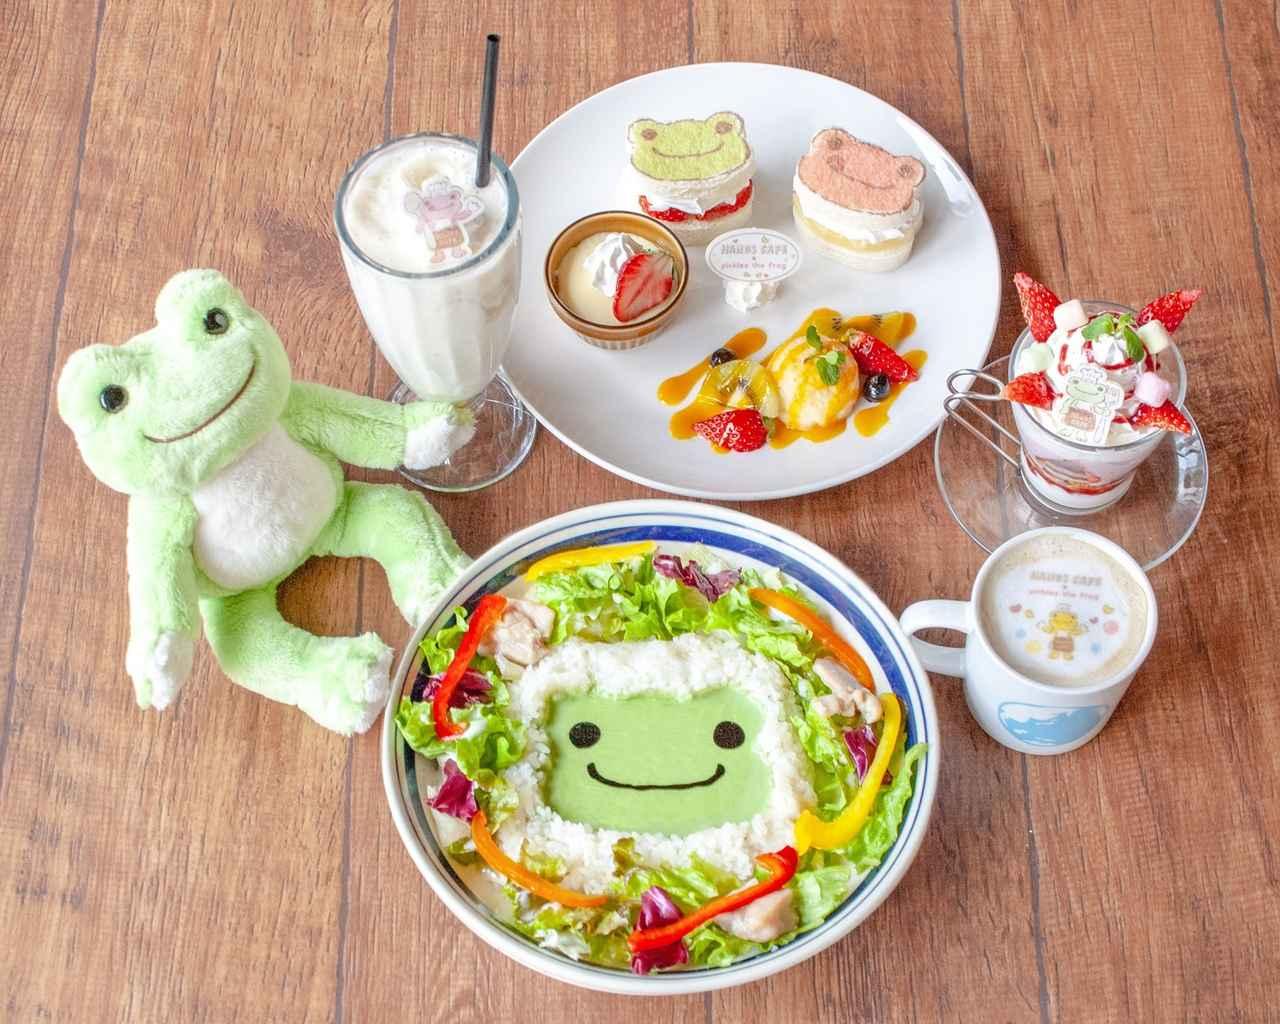 画像1: つぶらな瞳と愛らしい笑顔で、見て食べて癒される 『かえるのピクルス×ハンズカフェ』